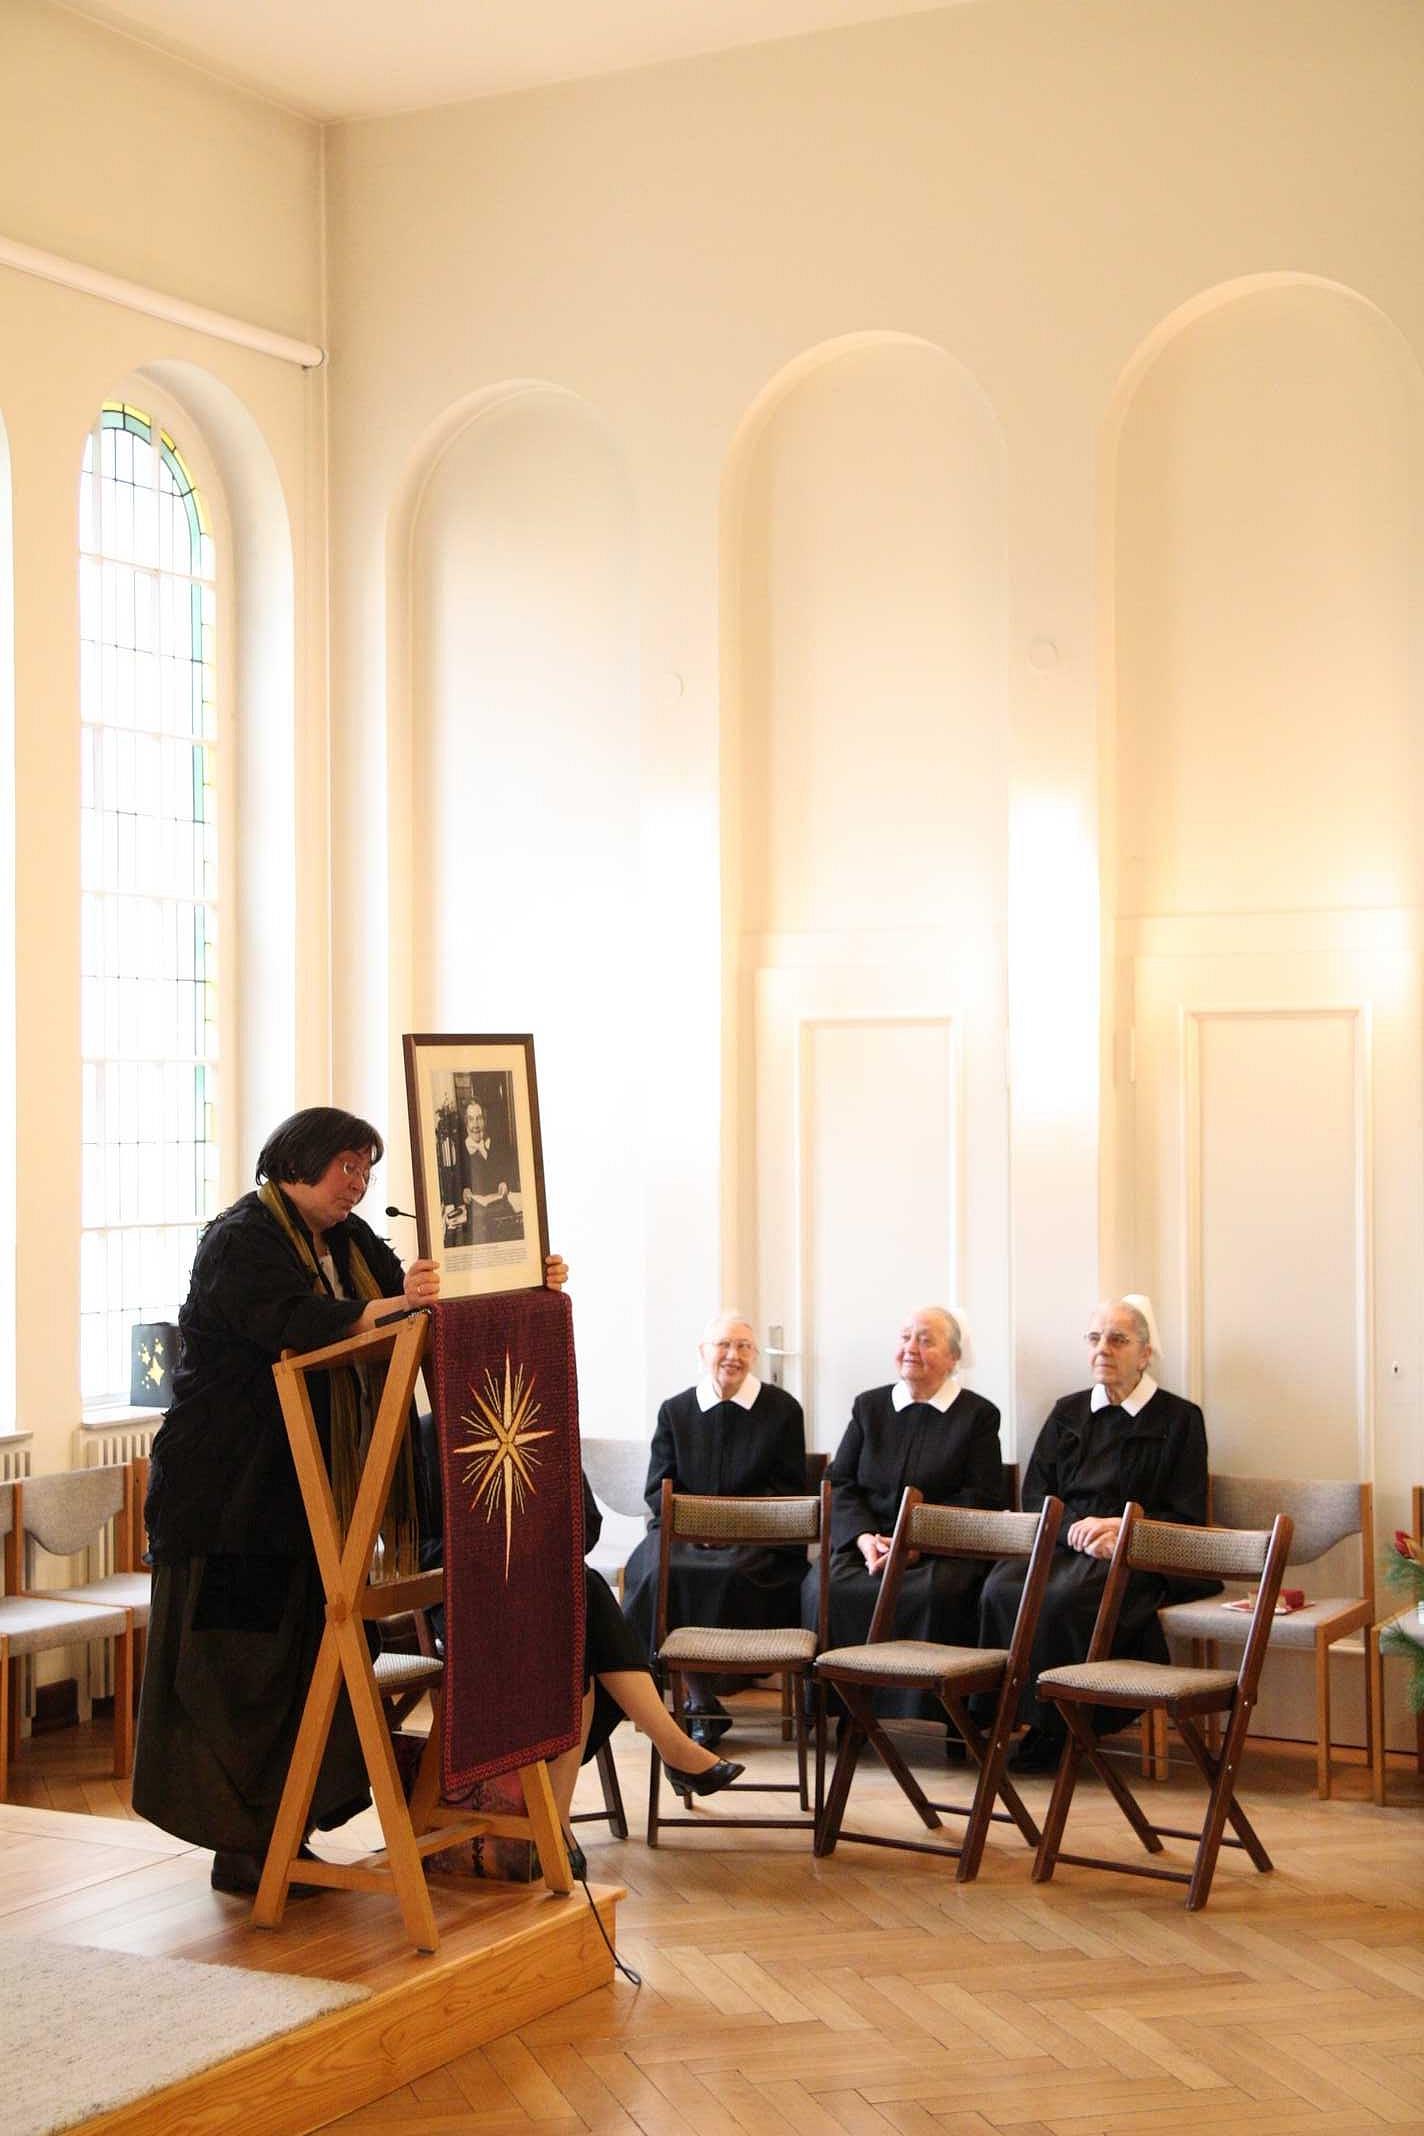 Sr. Sigrid Pfäfflin stellt Frieda v. Bodelschwingh vor...